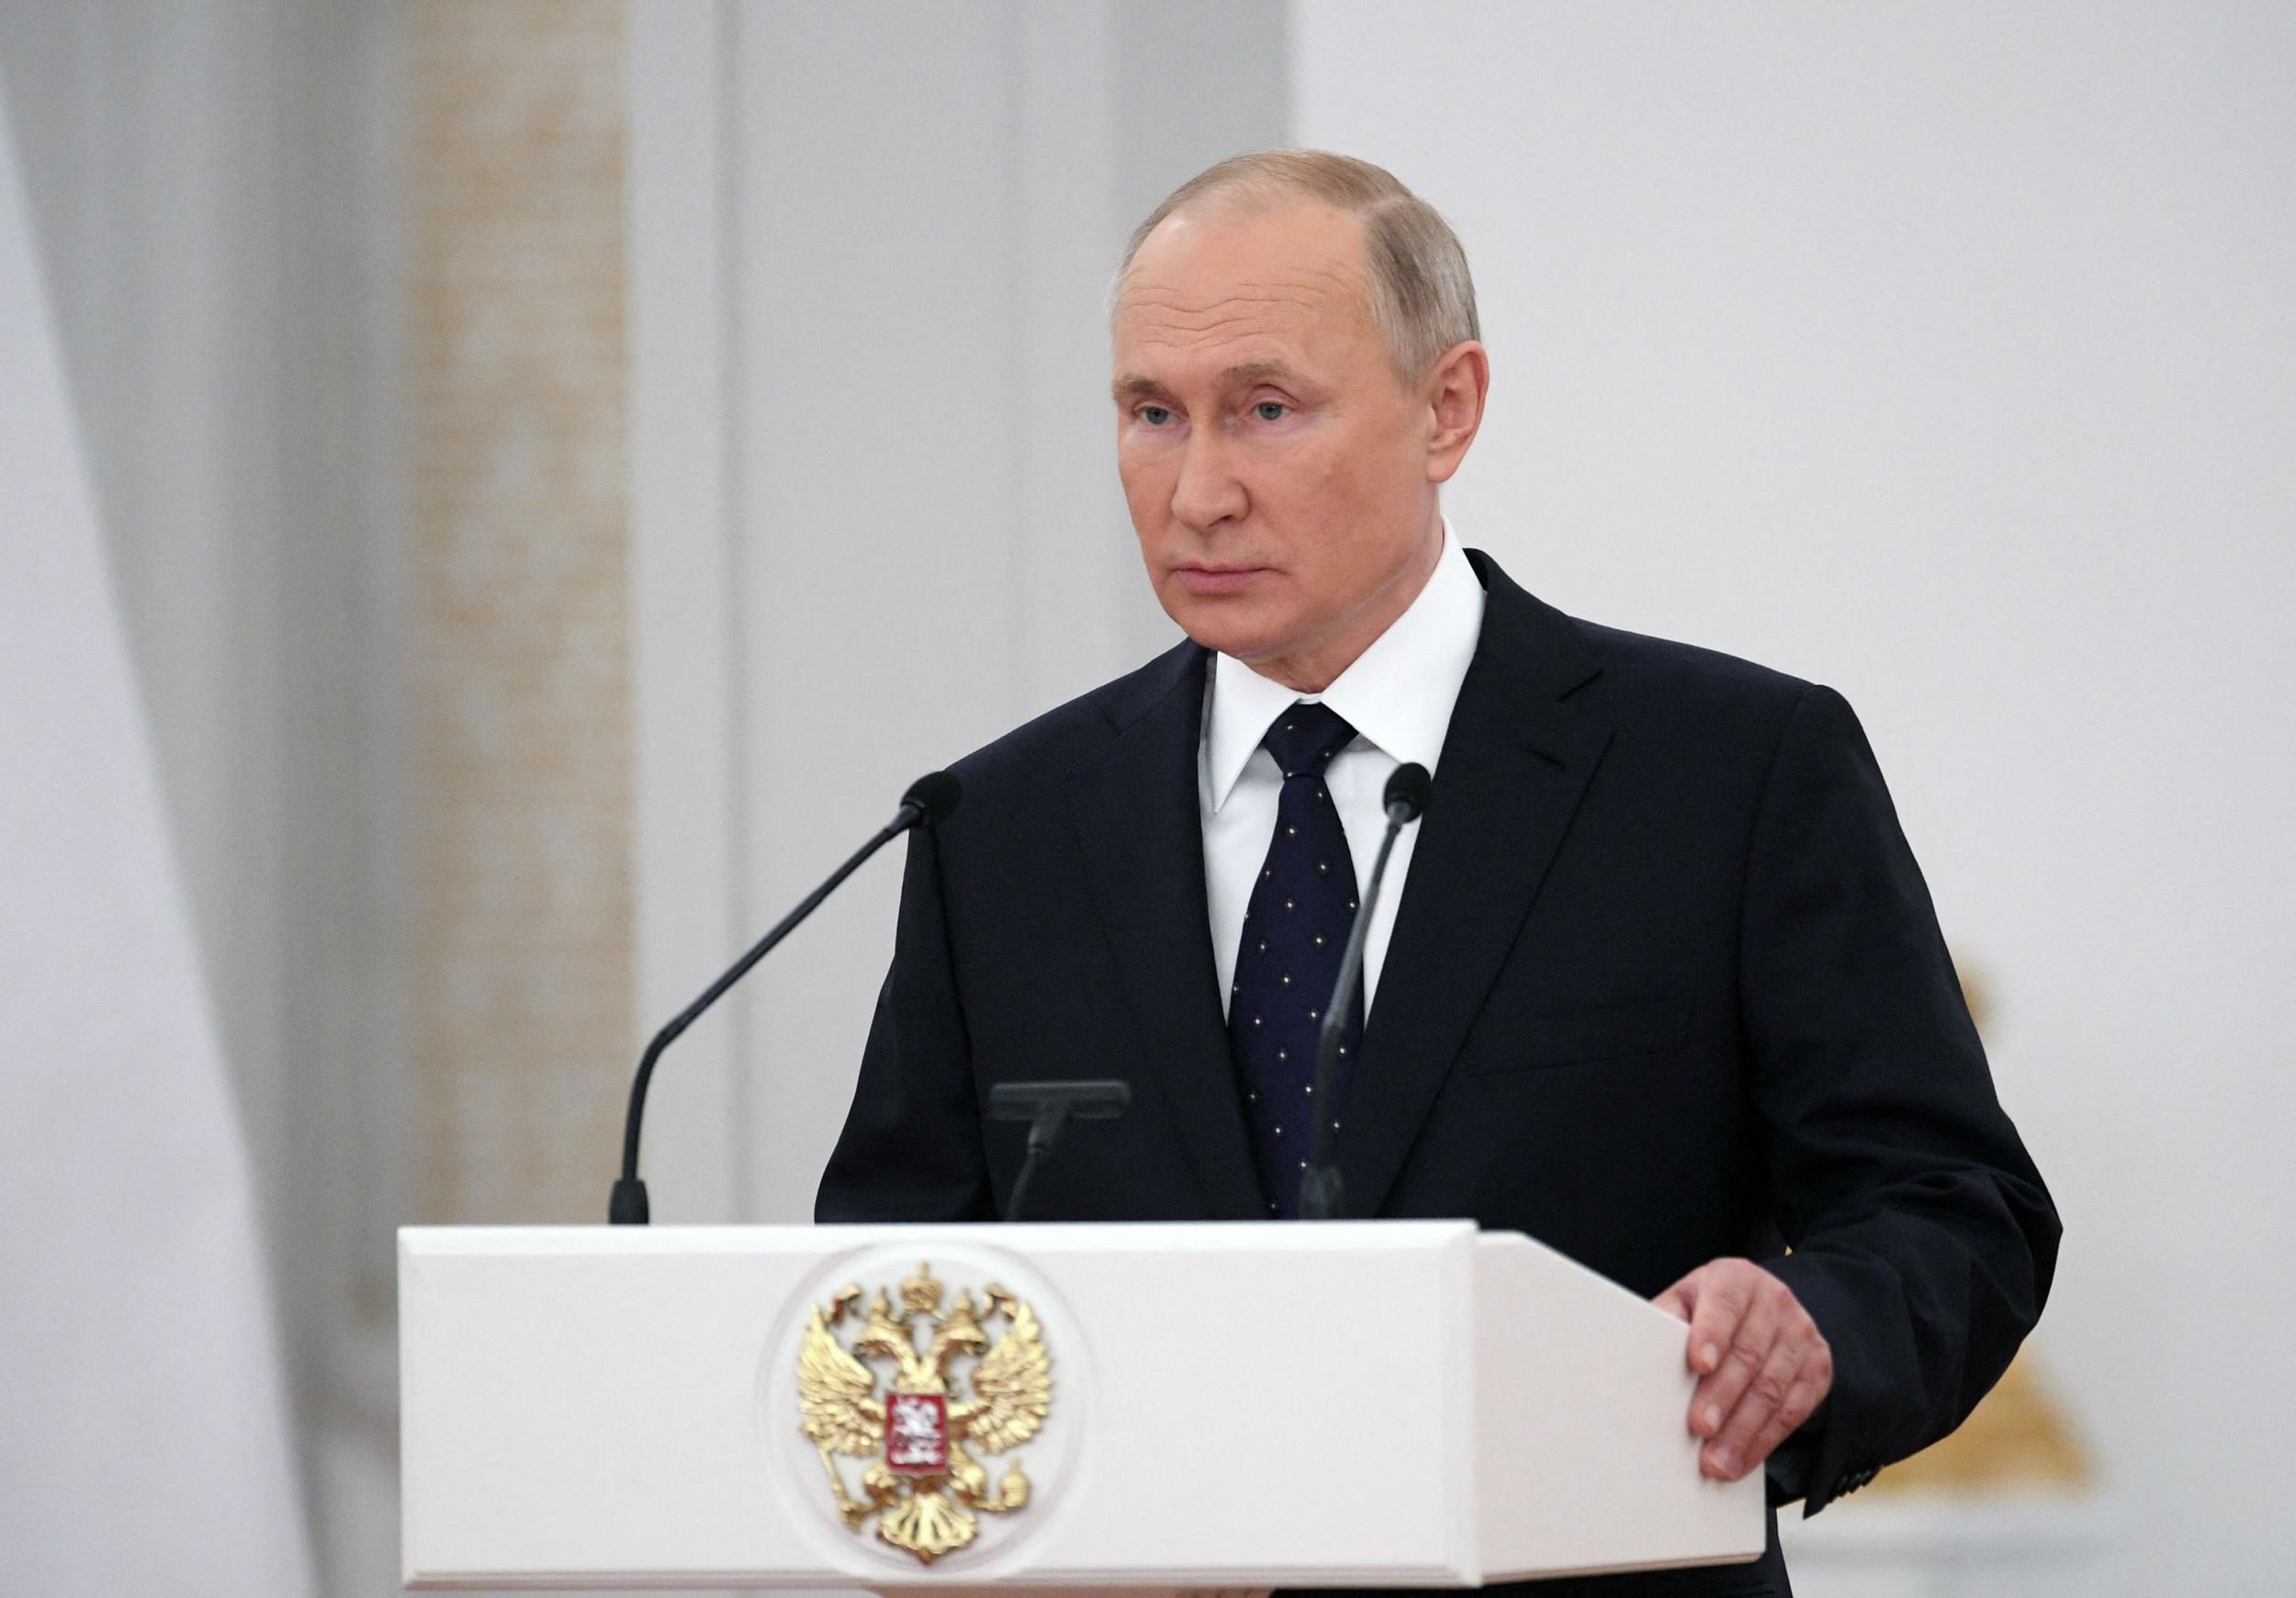 Vladimir Putin accuses U.S. of organizing coup in Ukraine